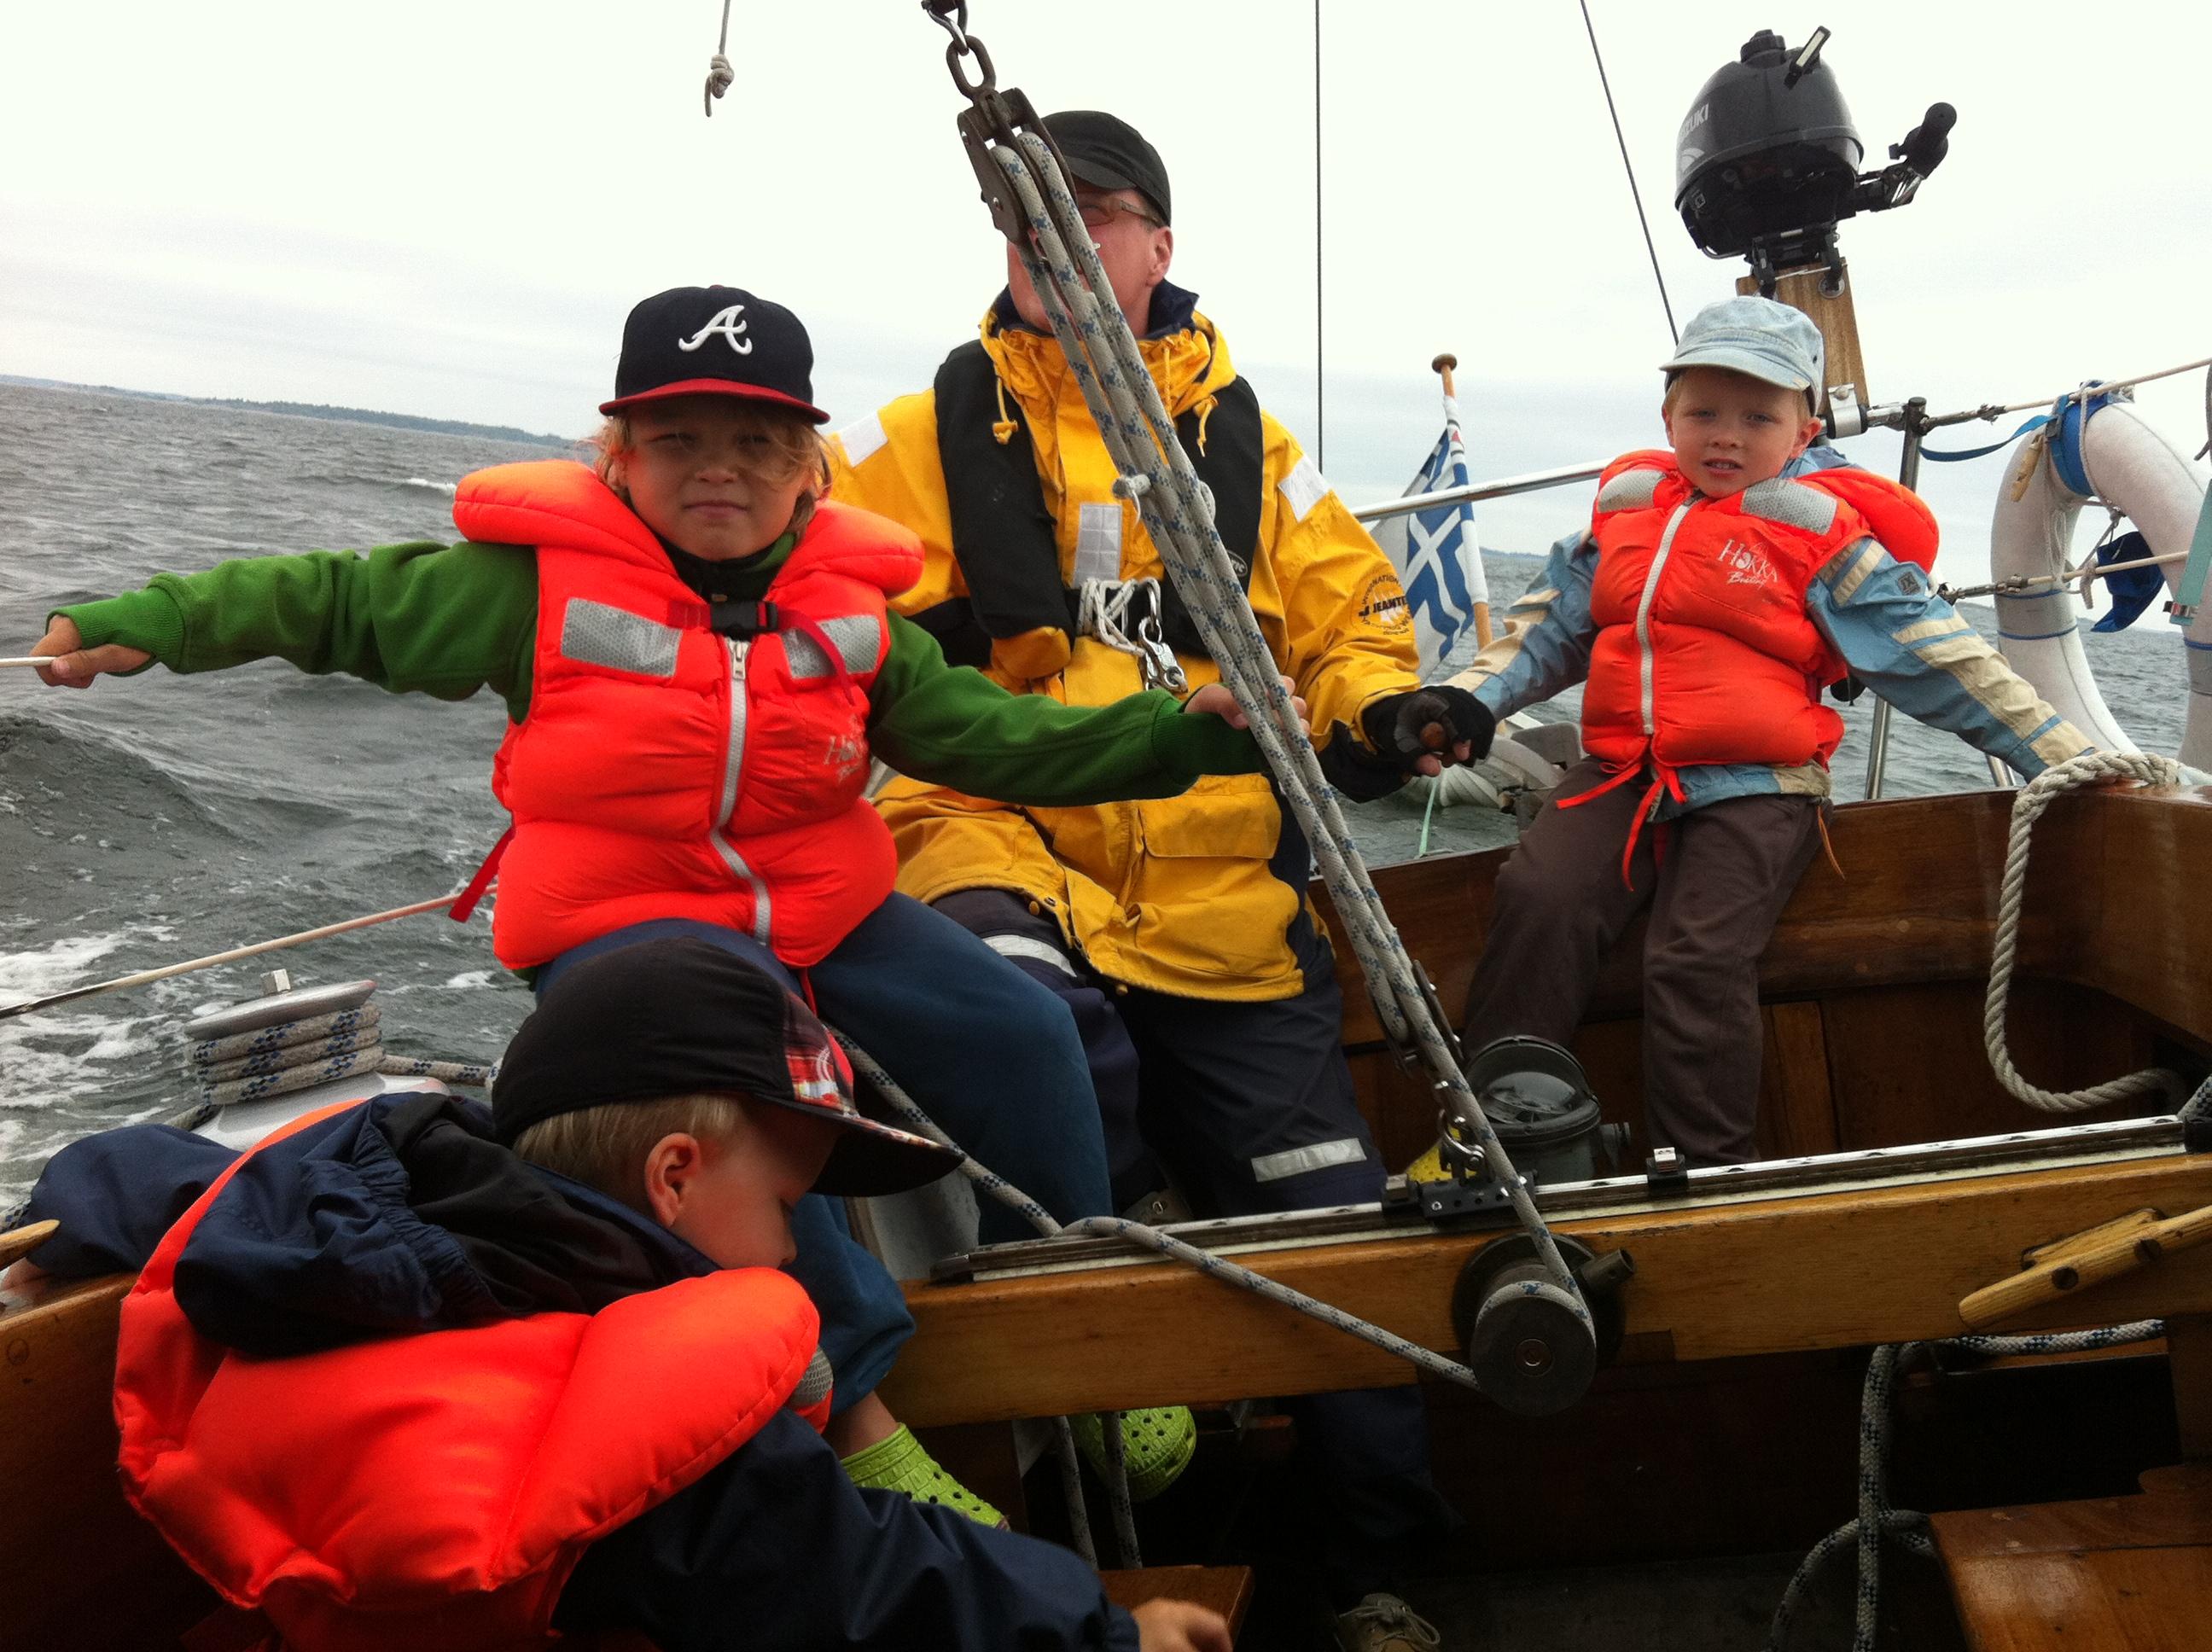 Parhaiten lapset viihtyvät veneessä, päästessään osallistumaan itse purjehdukseen